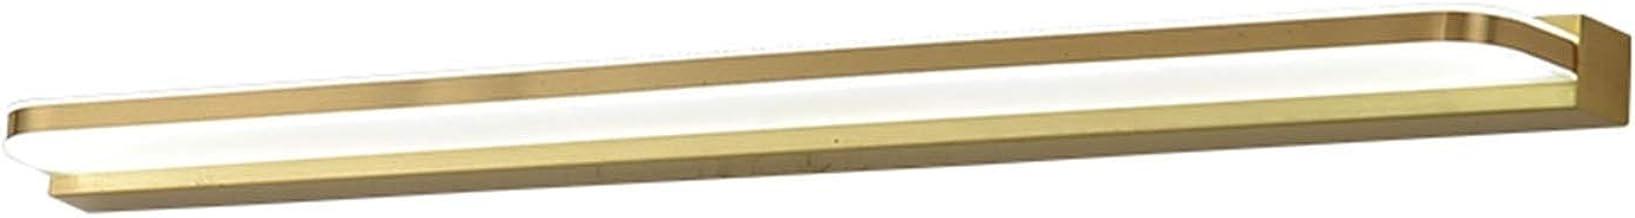 Spiegelvoorlicht, LED-acrylmateriaal is eenvoudig en modern, geschikt voor badkamercreatief waterdicht en anti-condens-wan...